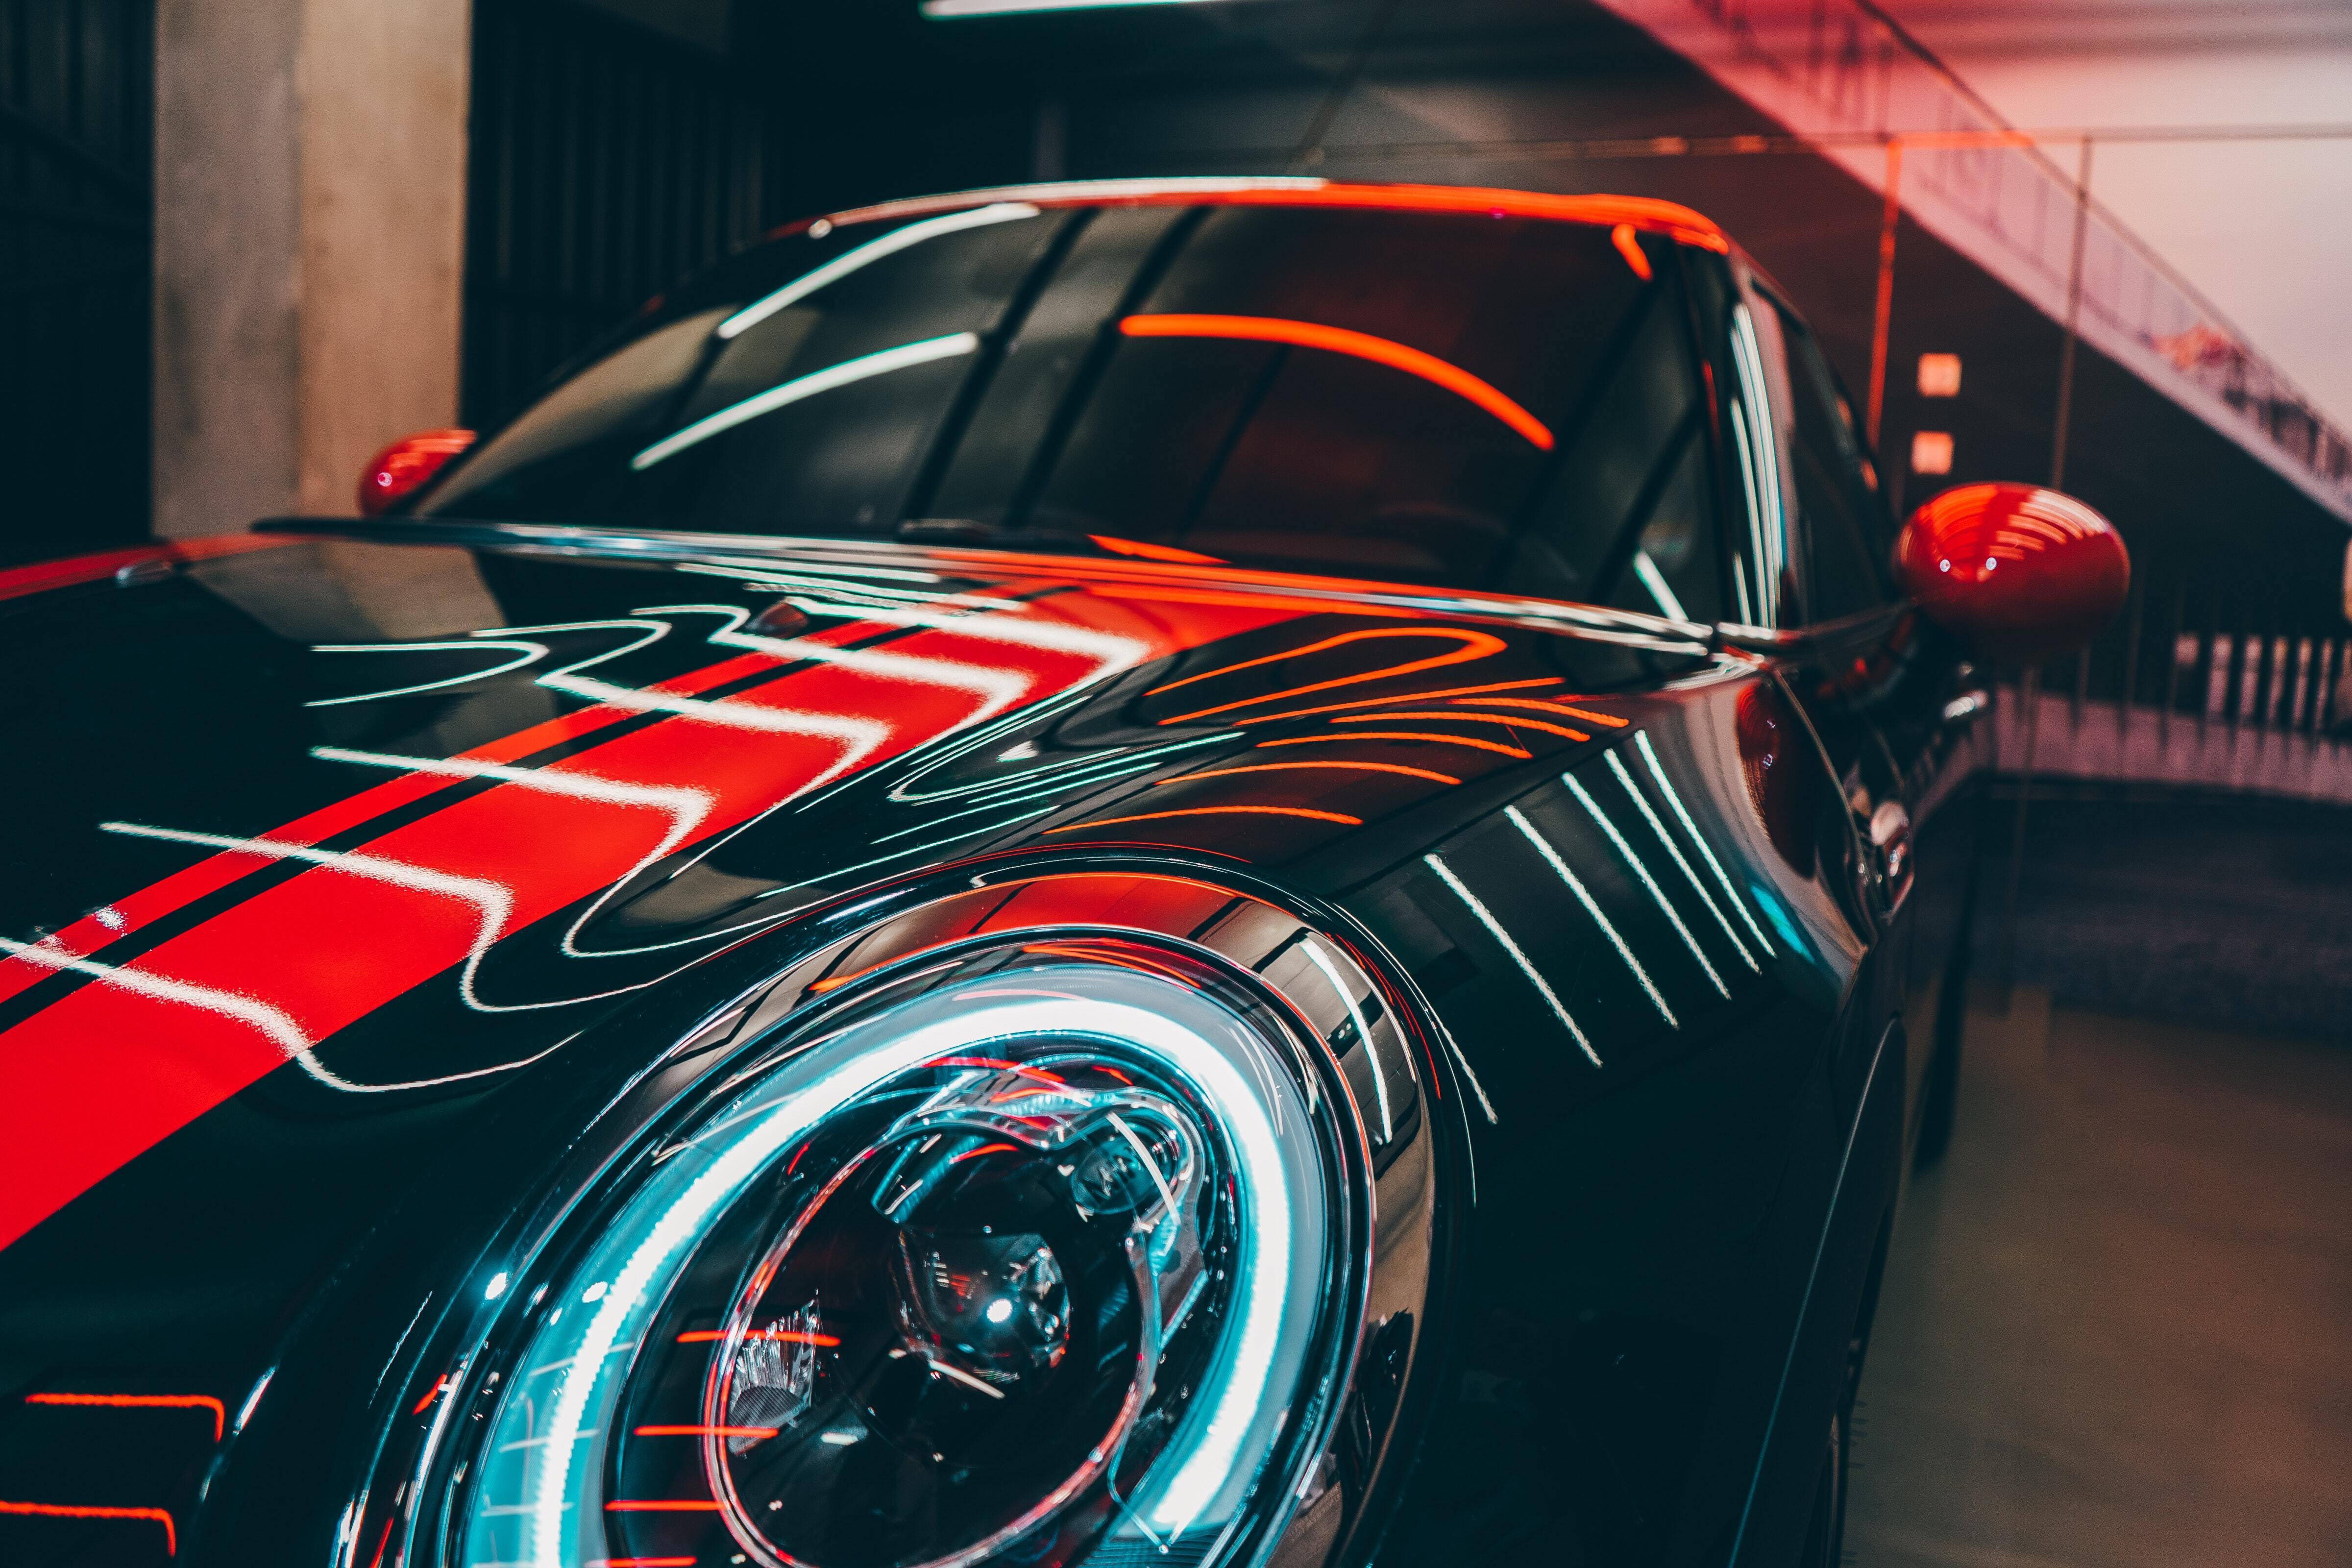 Картинка: Автомобиль, Mini Cooper, фара, отражение, лампы, наклейка